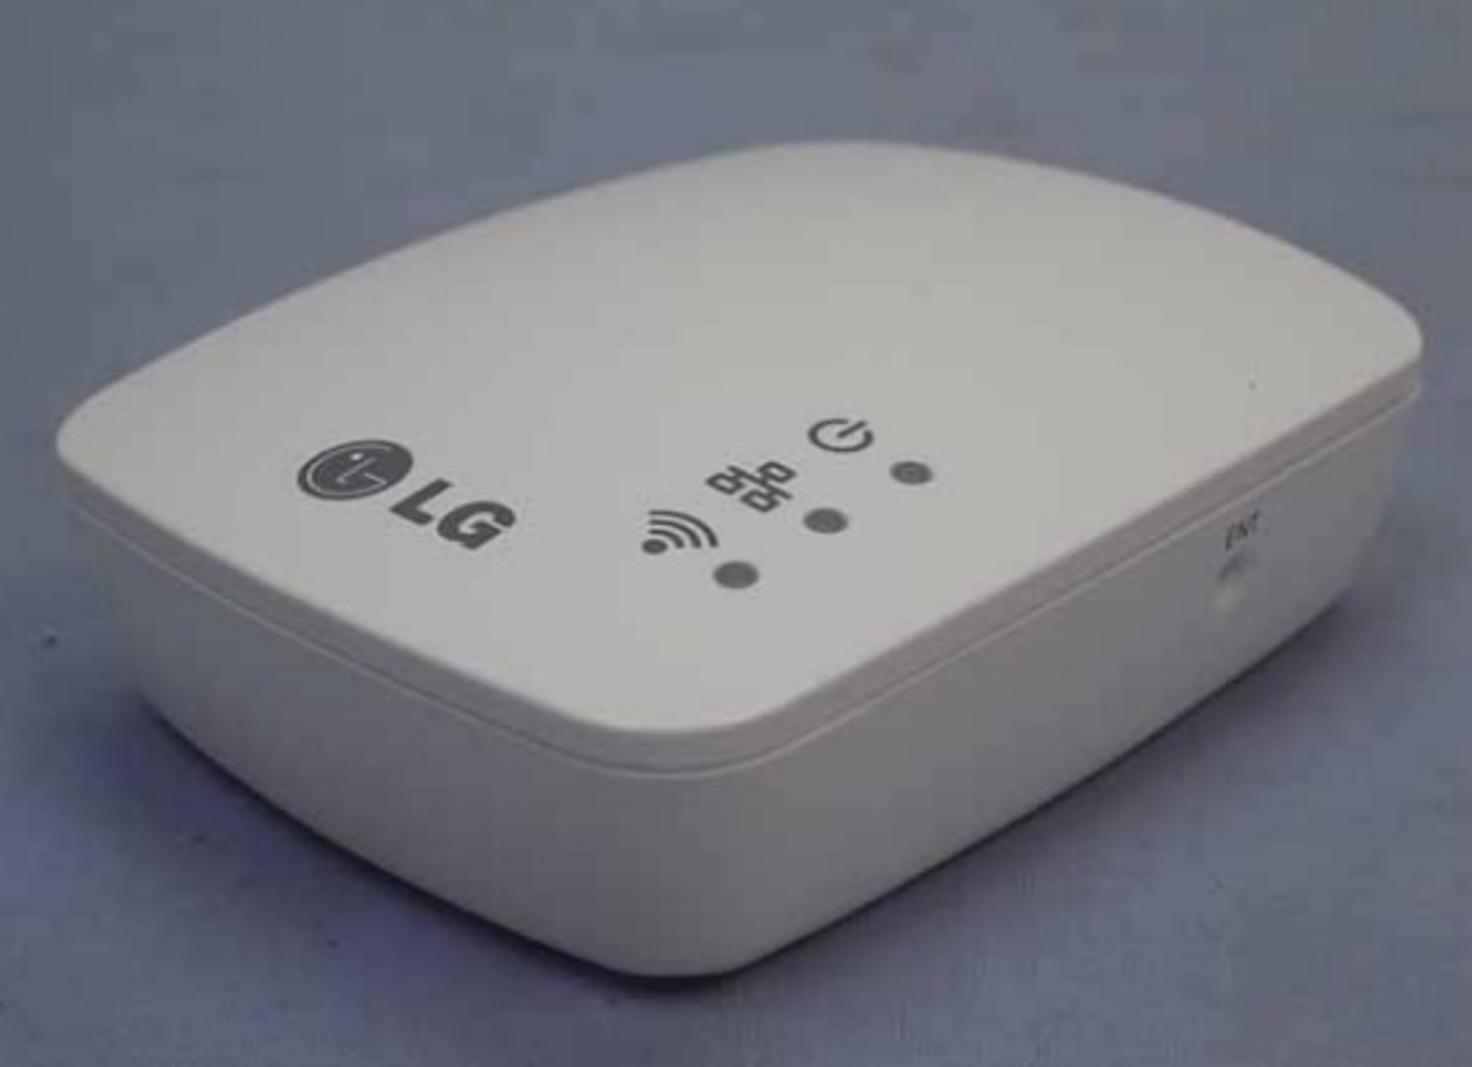 LG Apple HomeKit